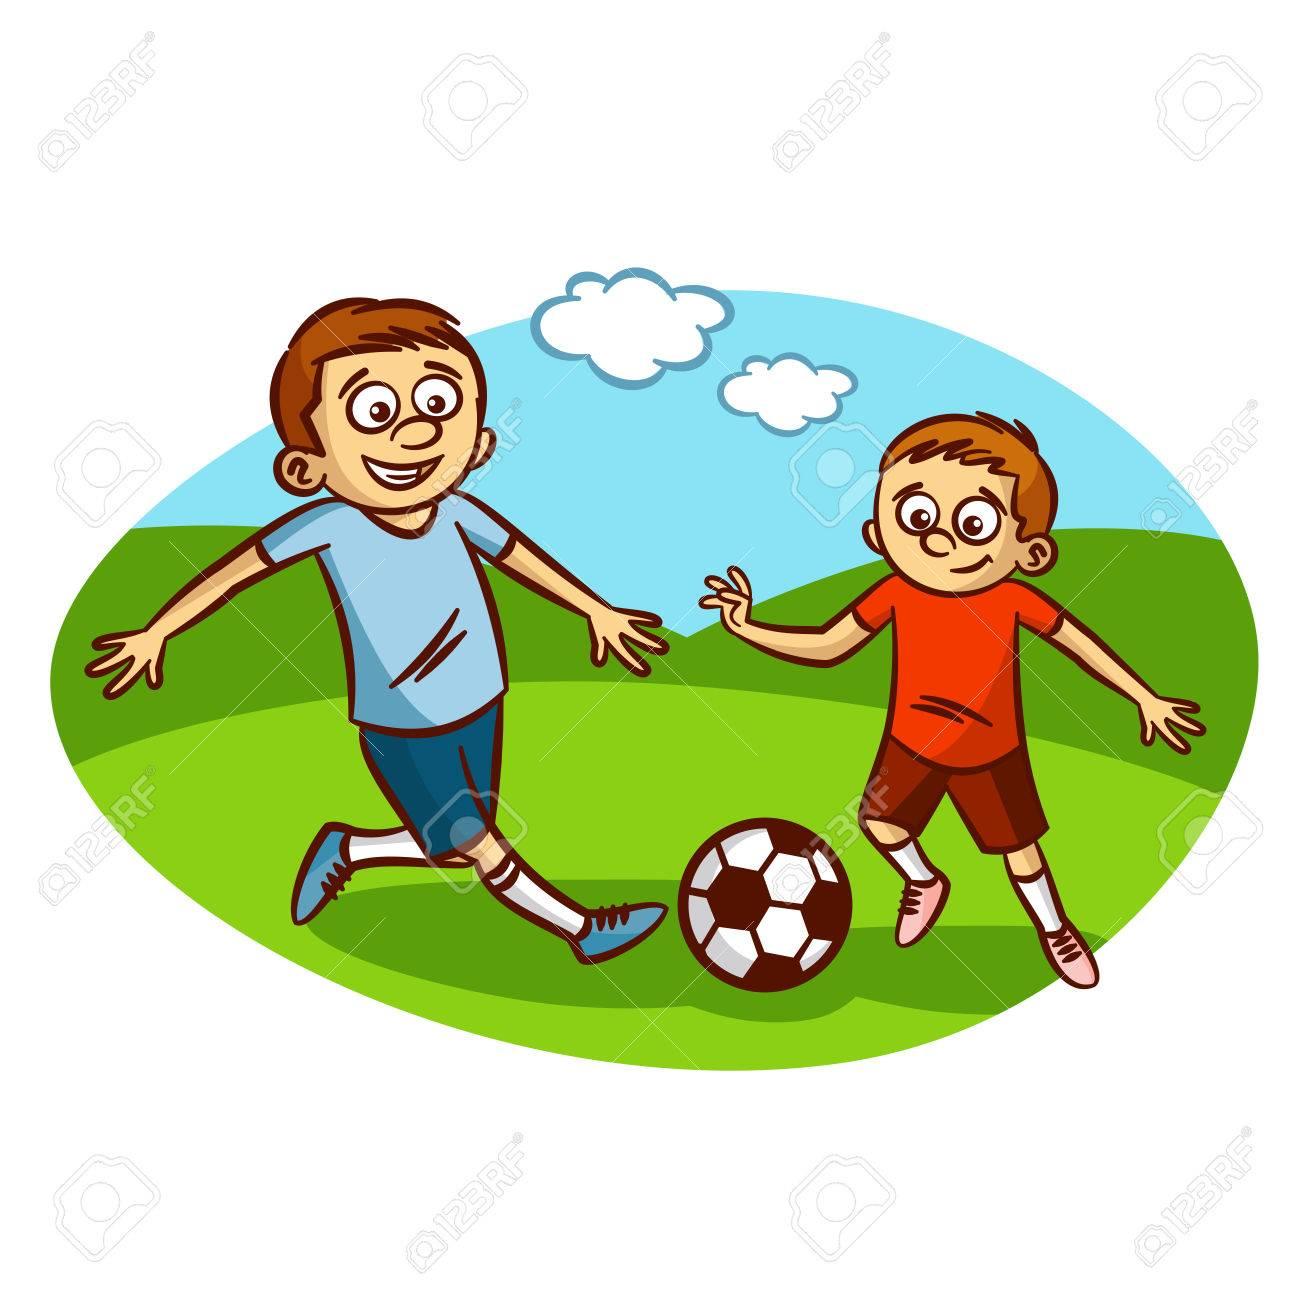 papa et fils jouer au football clipart clip art libres de droits rh fr 123rf com ou football clipart lion football clipart